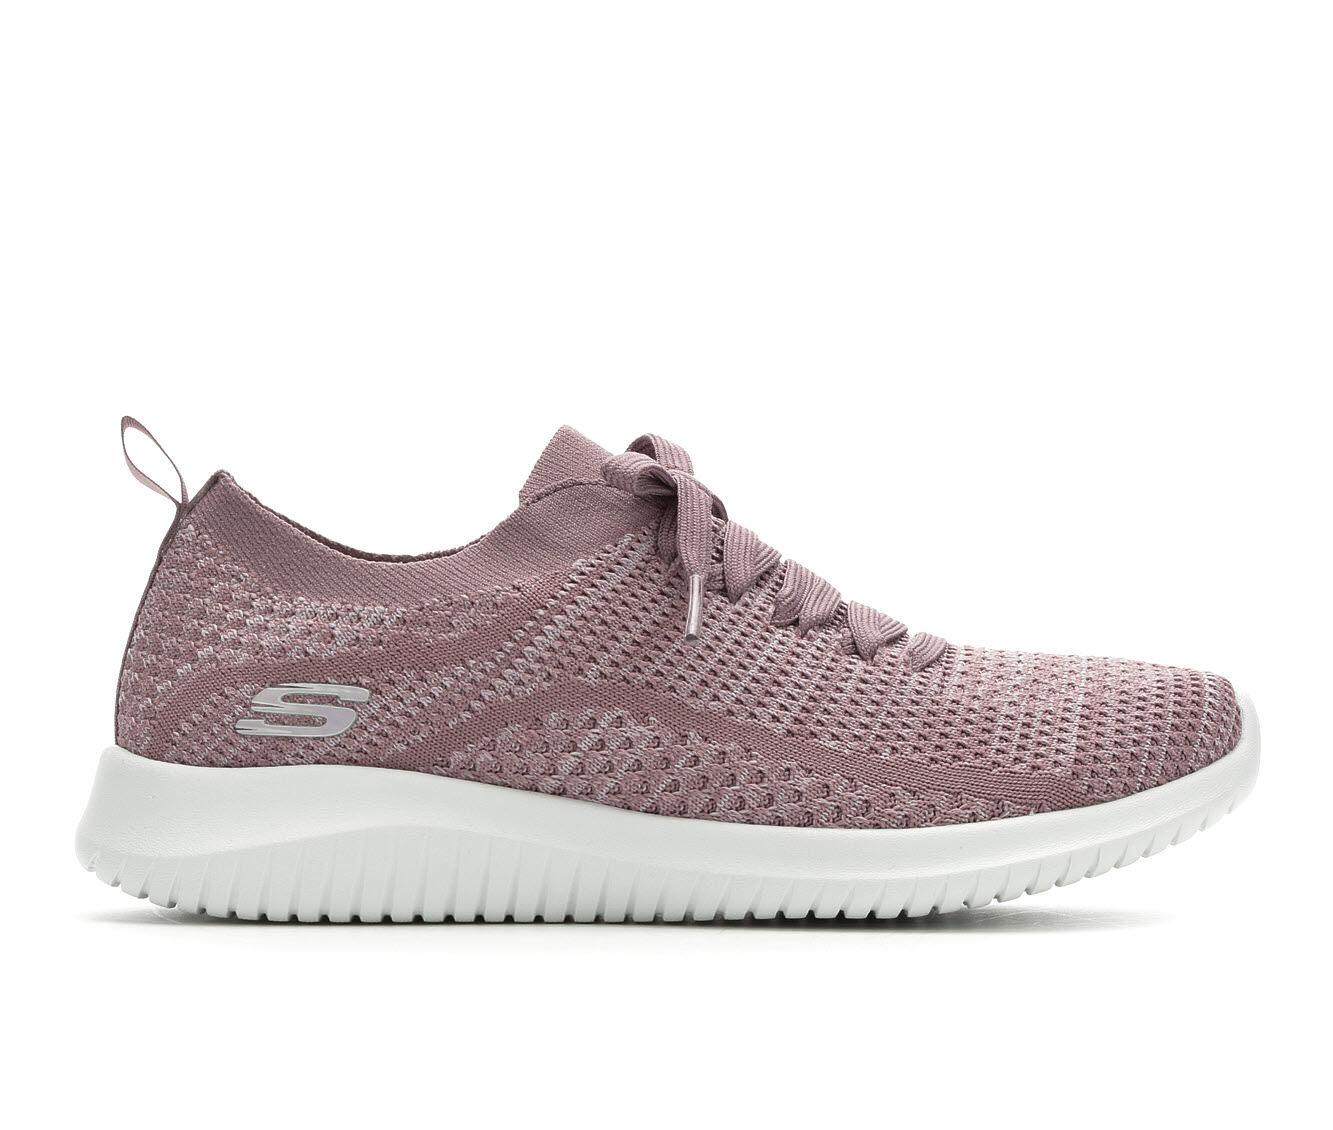 Women's Skechers Statements 12841 Slip-On Sneakers Lavender/Wht